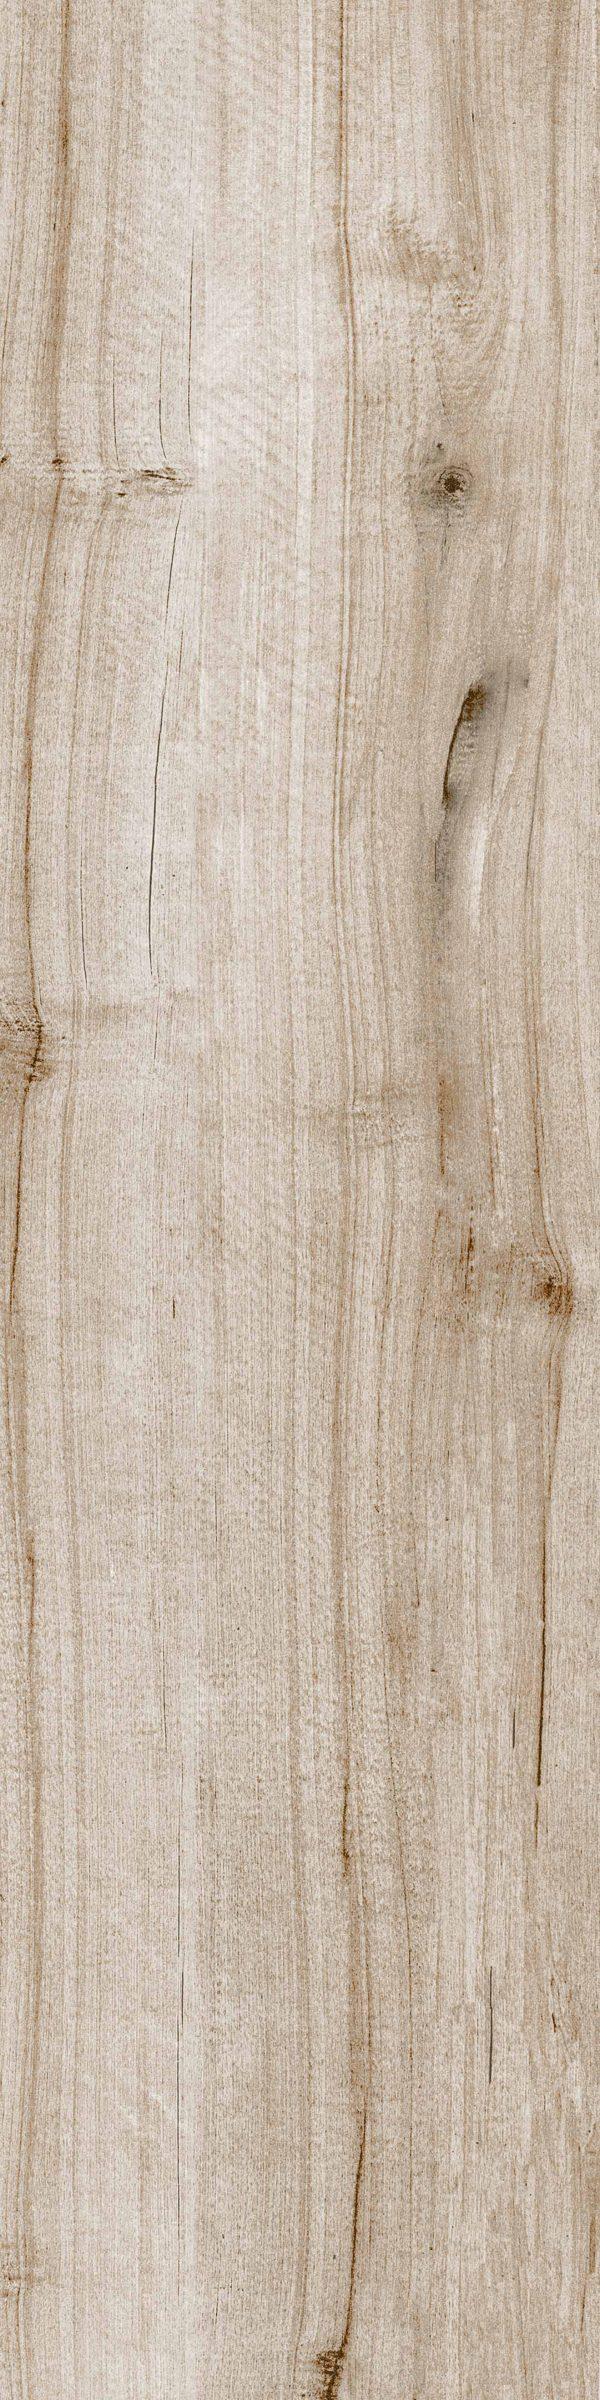 Arno 300x1200x20mm Natural